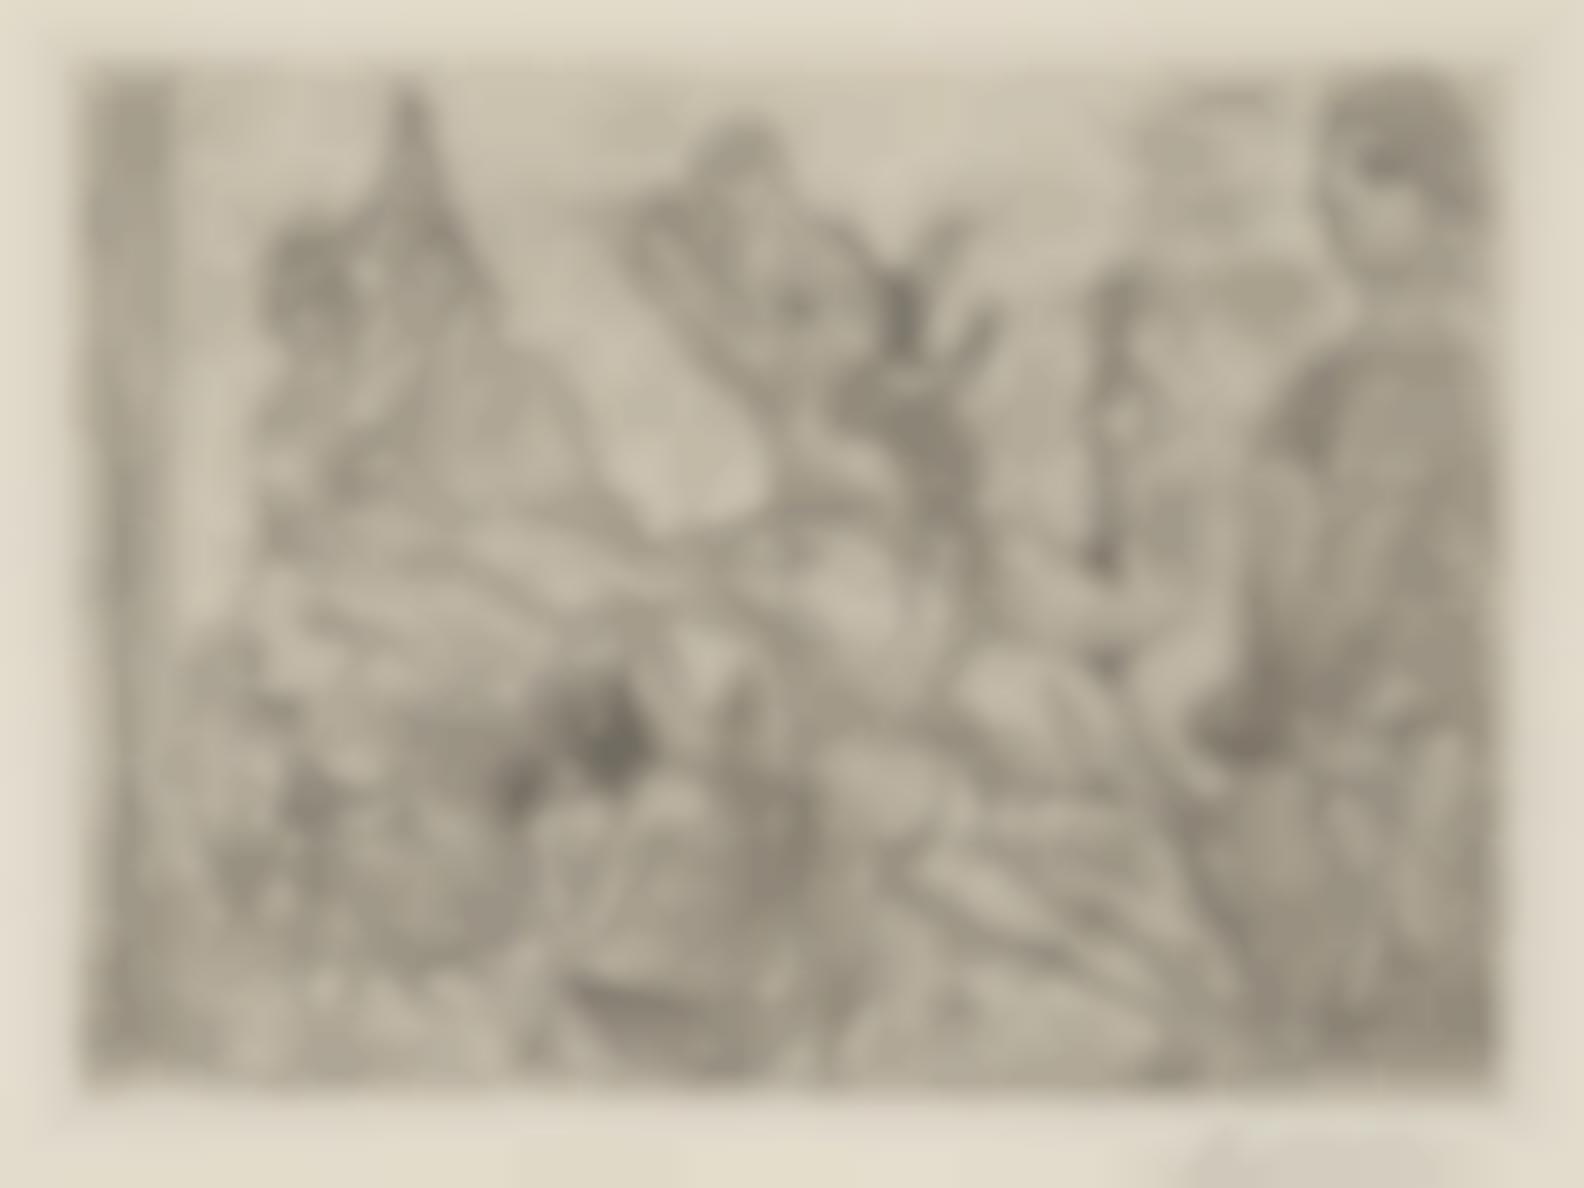 Pablo Picasso-Minotaure Aveugle Guide Par Une Fillette III, Pl. 95 From La Suite Vollard-1934